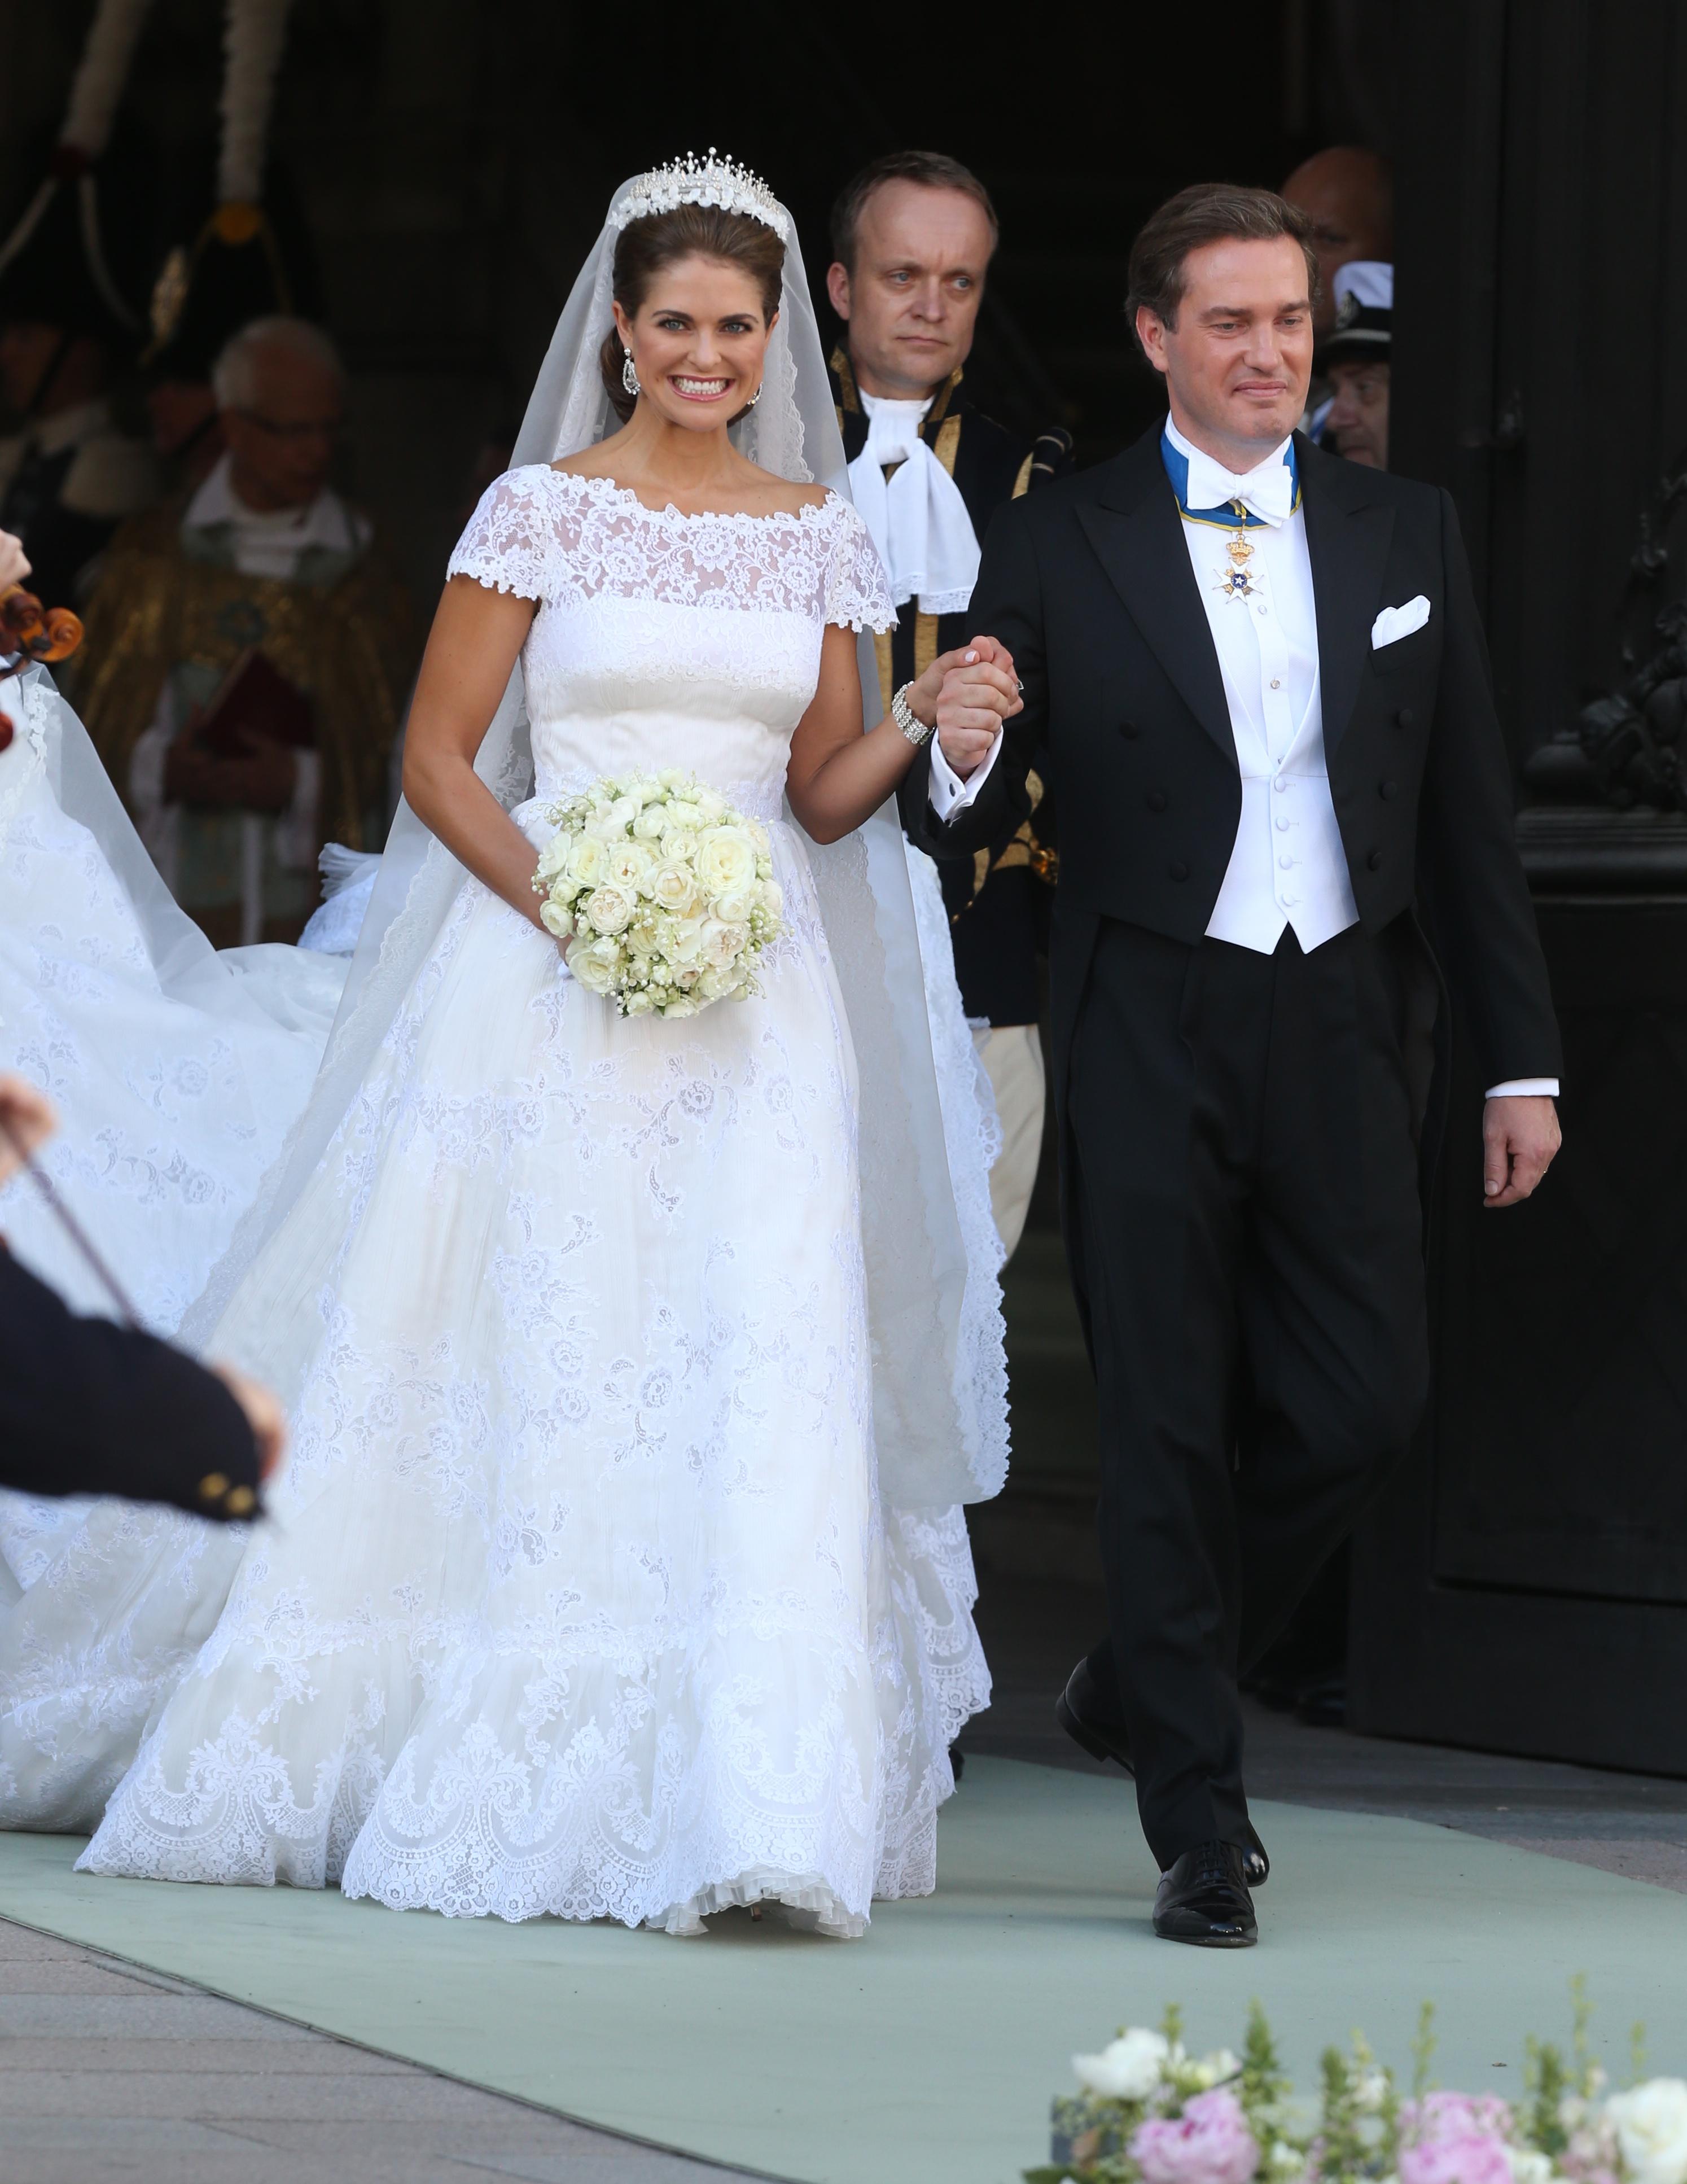 Шведская принцесса Мадлен и американский банкир Кристофер О'Нил поженились 8 июня в Стокгольме